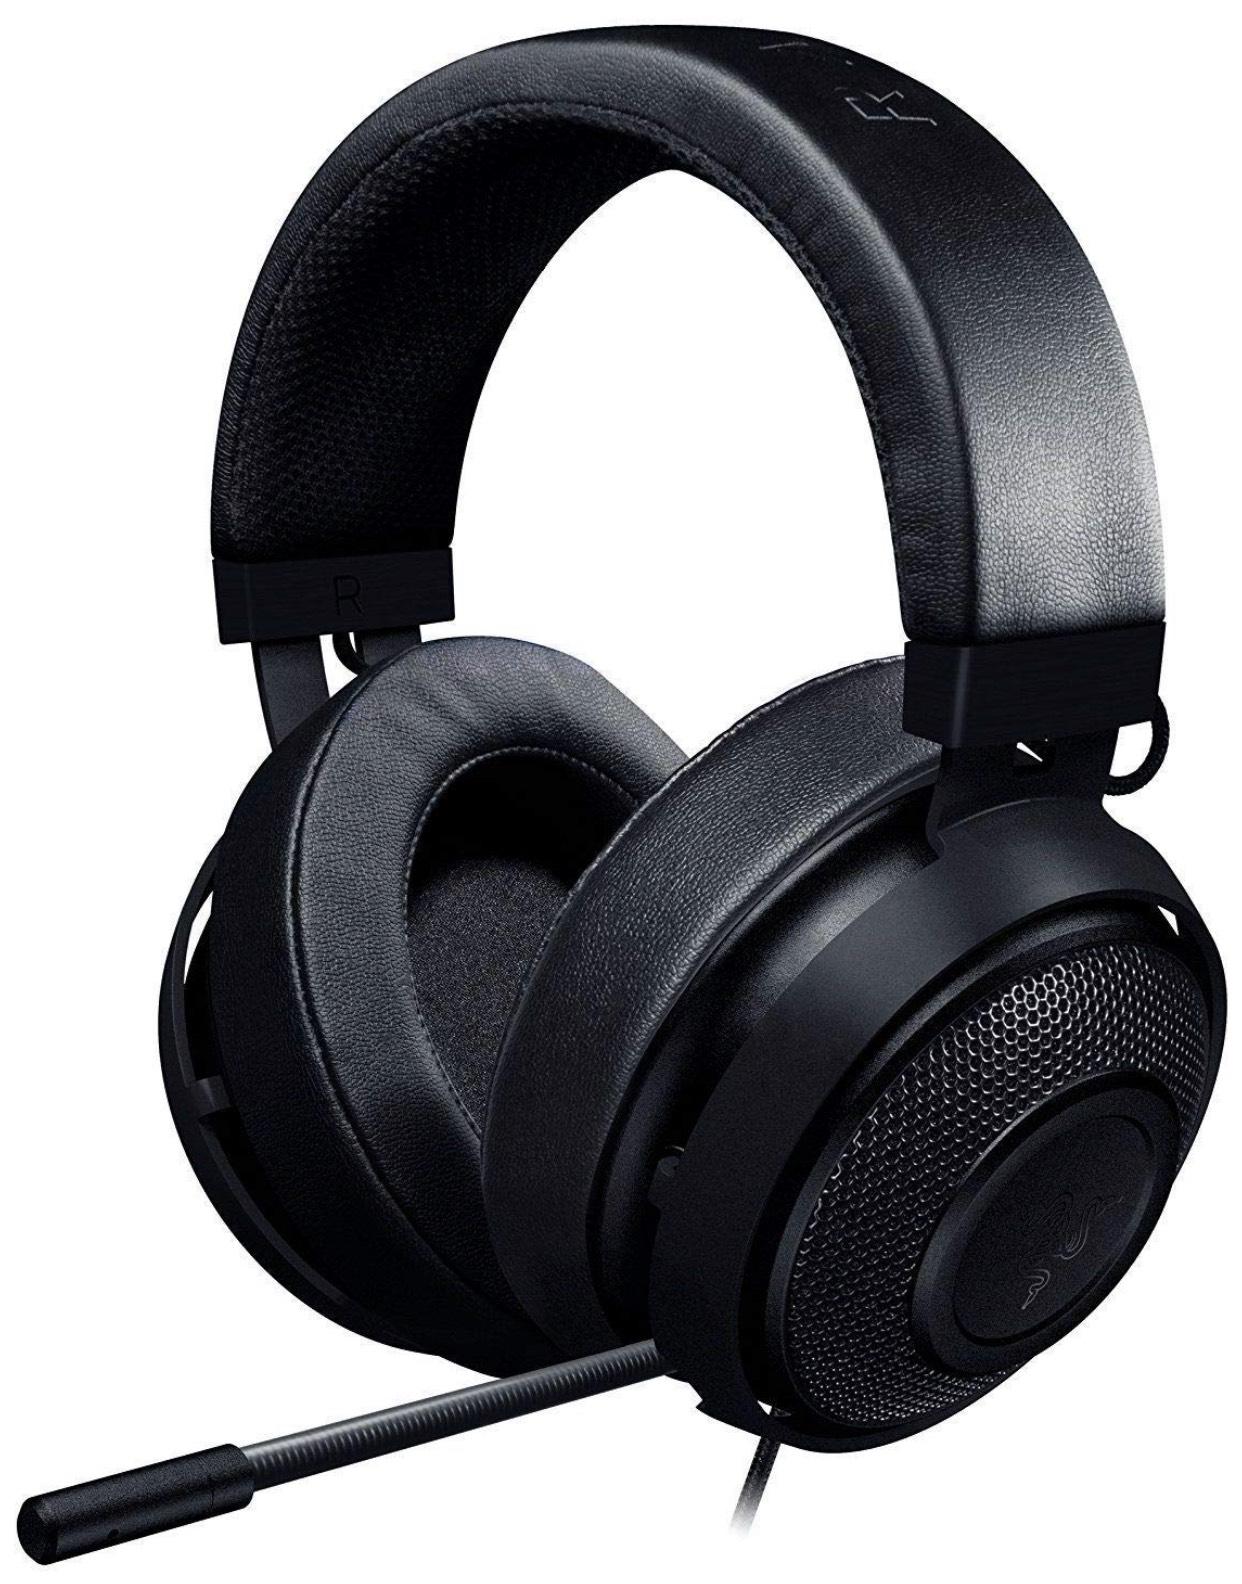 Razer Kraken Pro V2 Oval - Musik und Gaming Kopfhörer für 47,40€